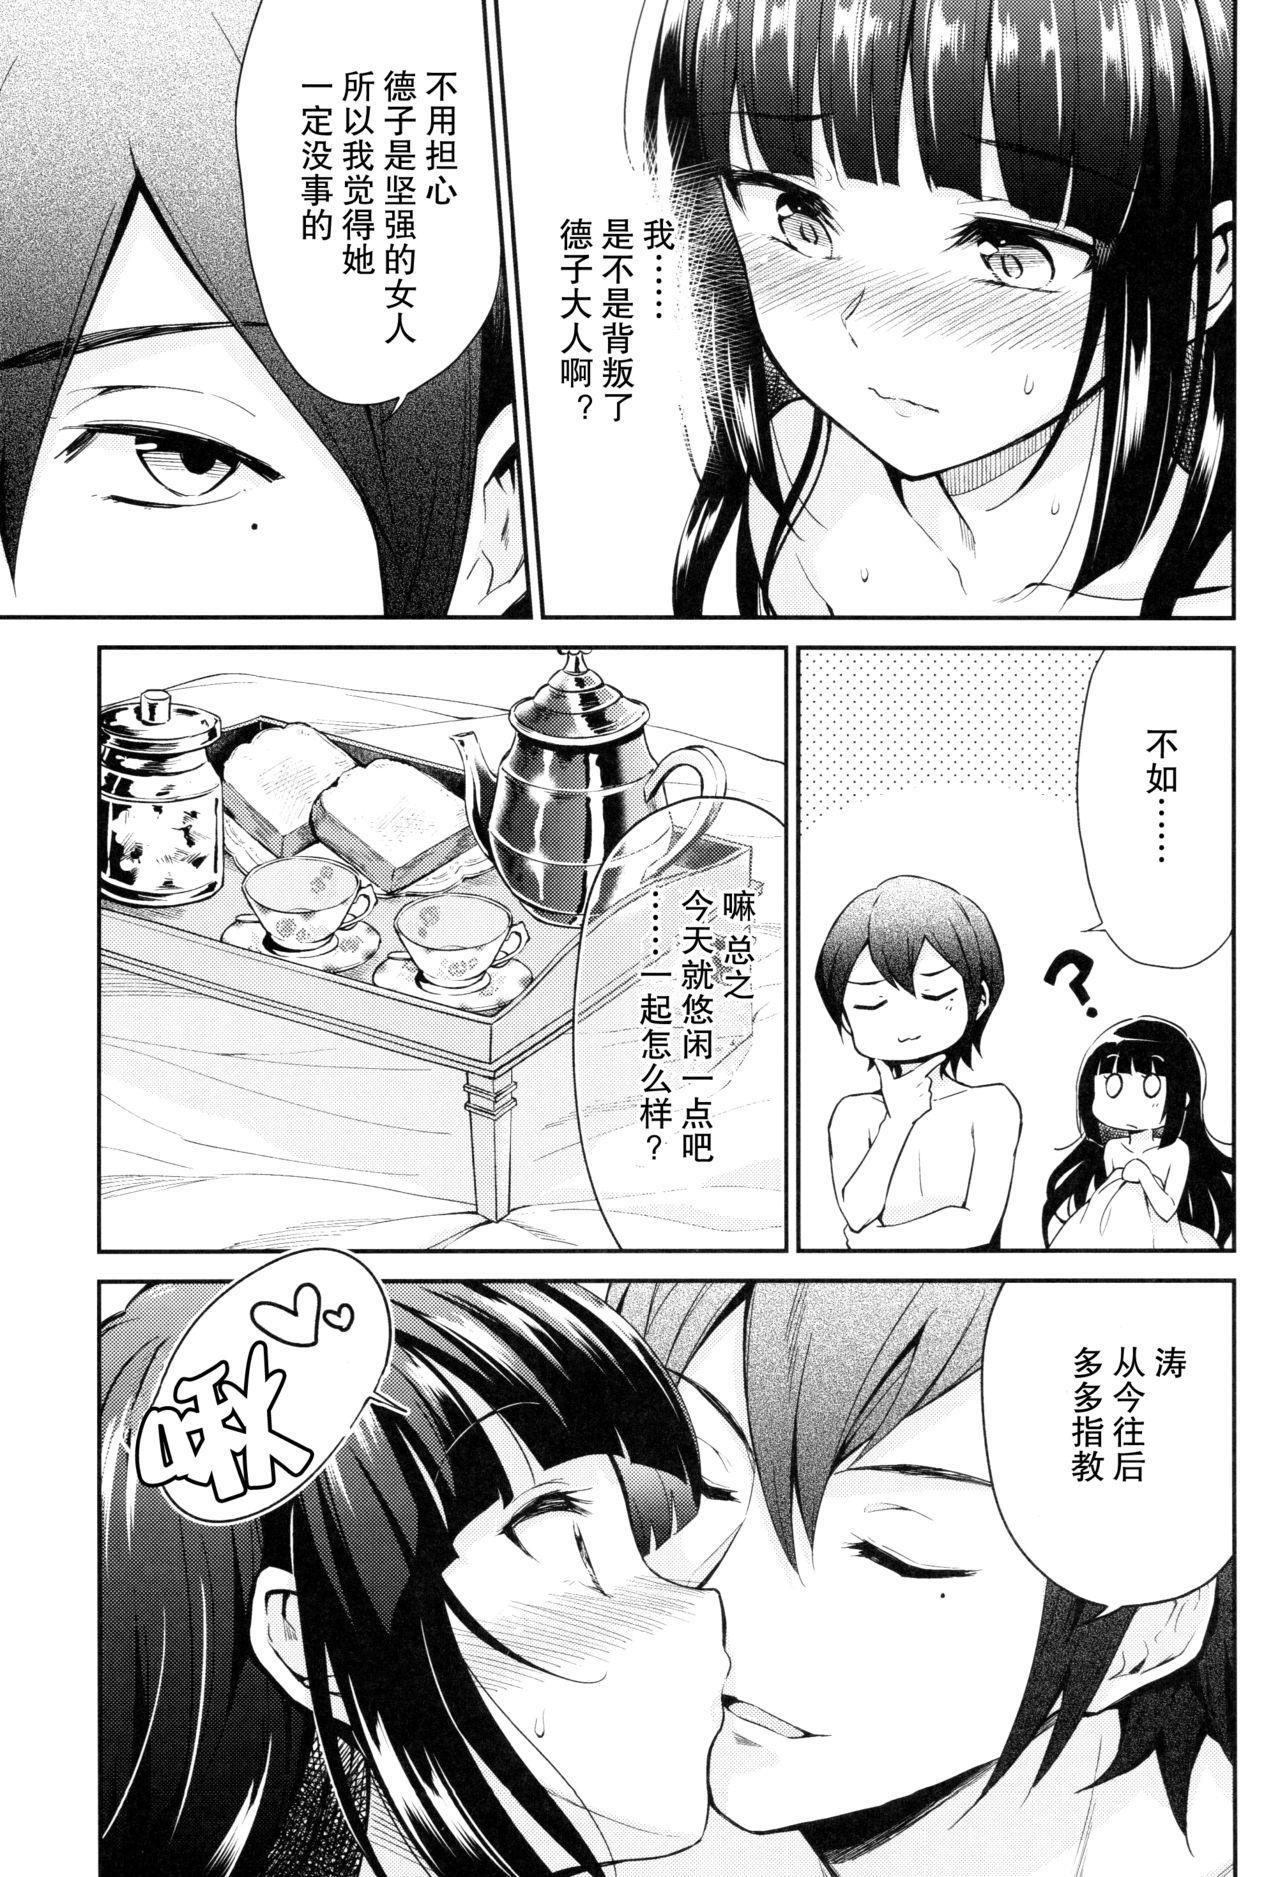 Haruhira Hakushaku-ke no Jijou Go 31